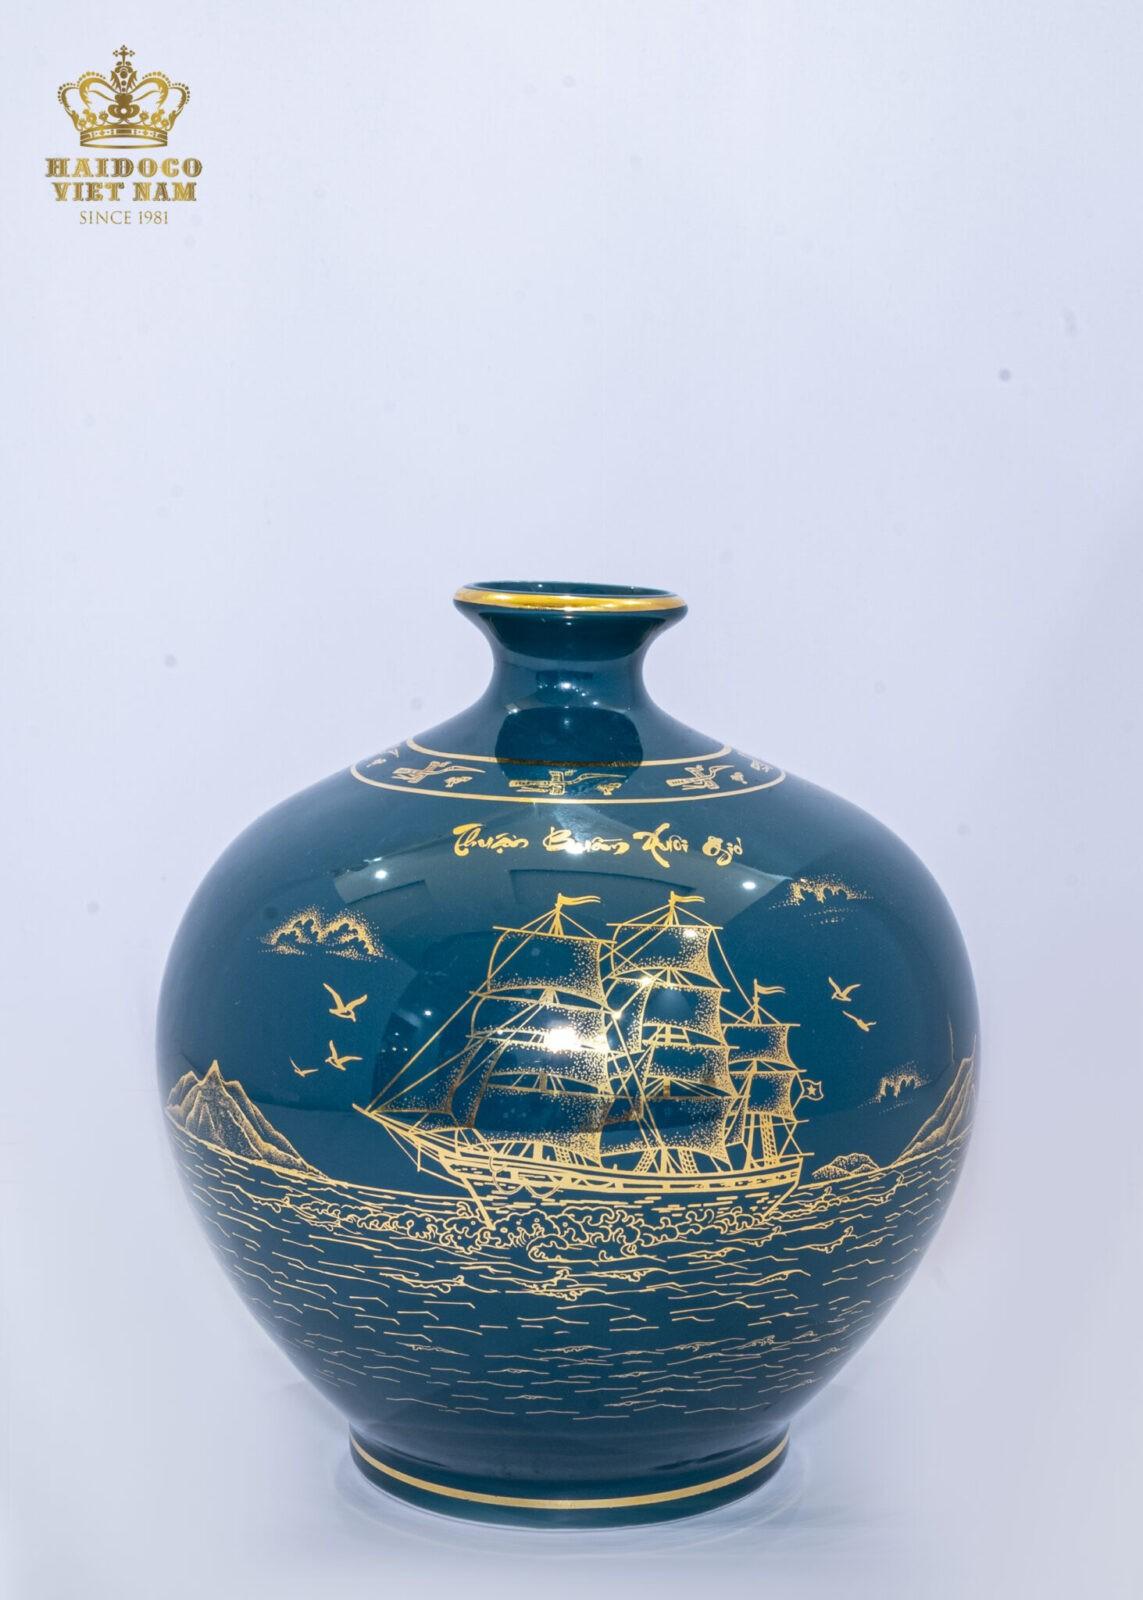 Bình Phúc Lộc là món quà tặng phong thủy độc đáo.